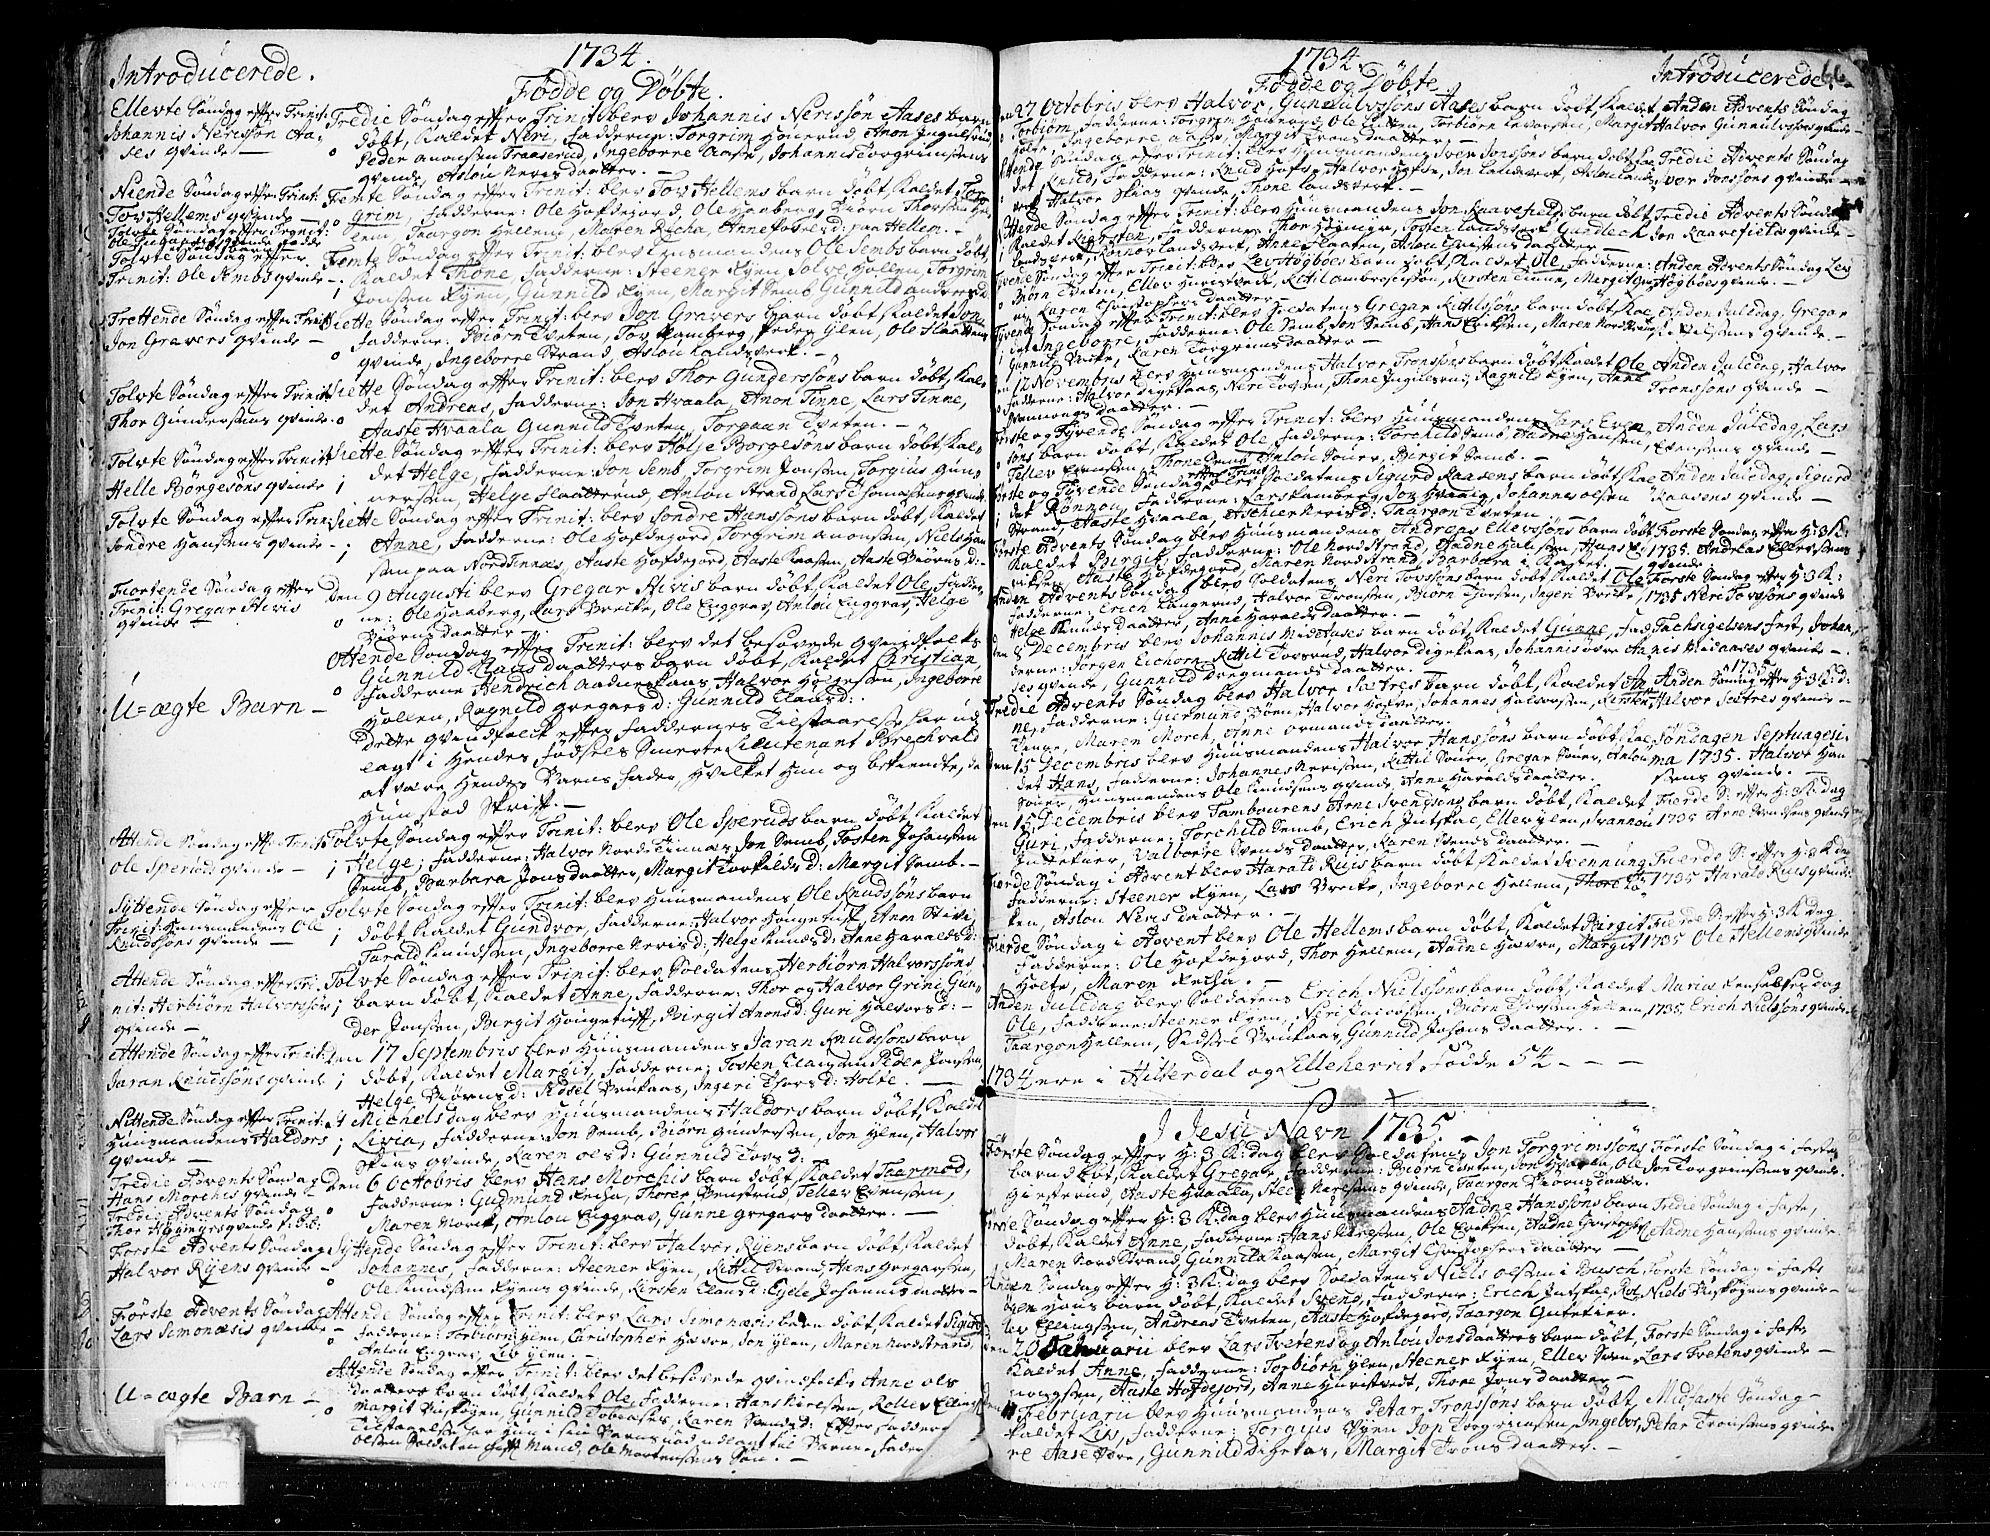 SAKO, Heddal kirkebøker, F/Fa/L0003: Ministerialbok nr. I 3, 1723-1783, s. 66